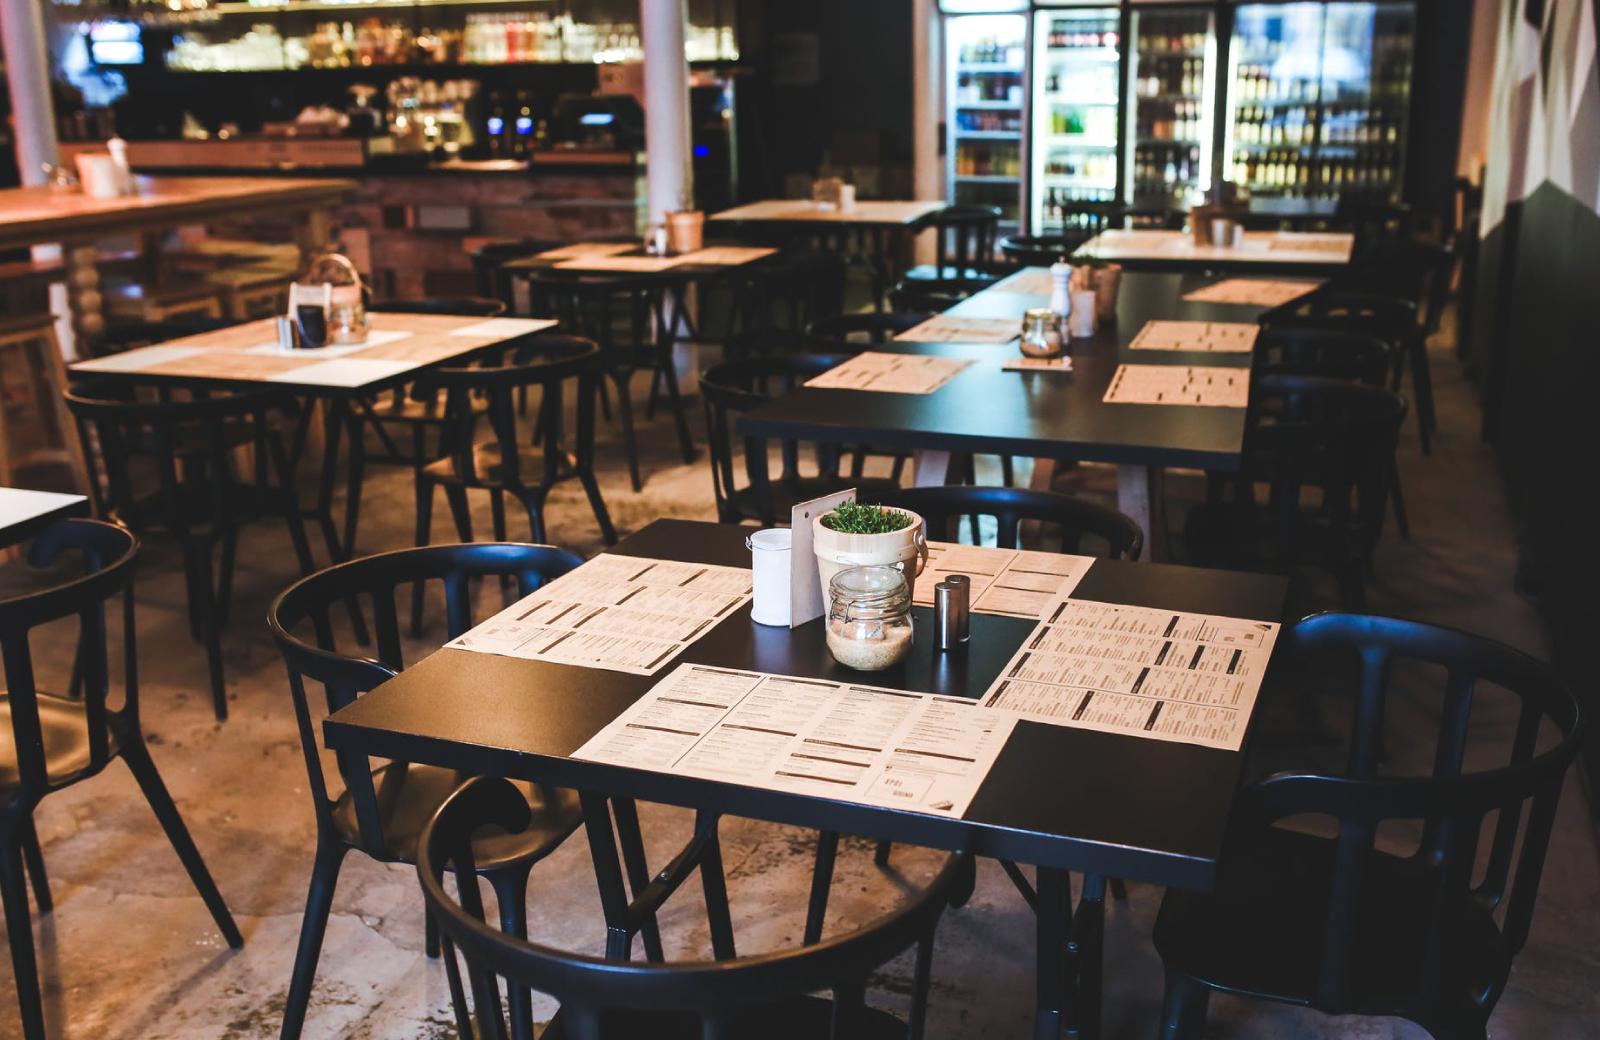 The Best Cafes & Restaurants Near Waypointe